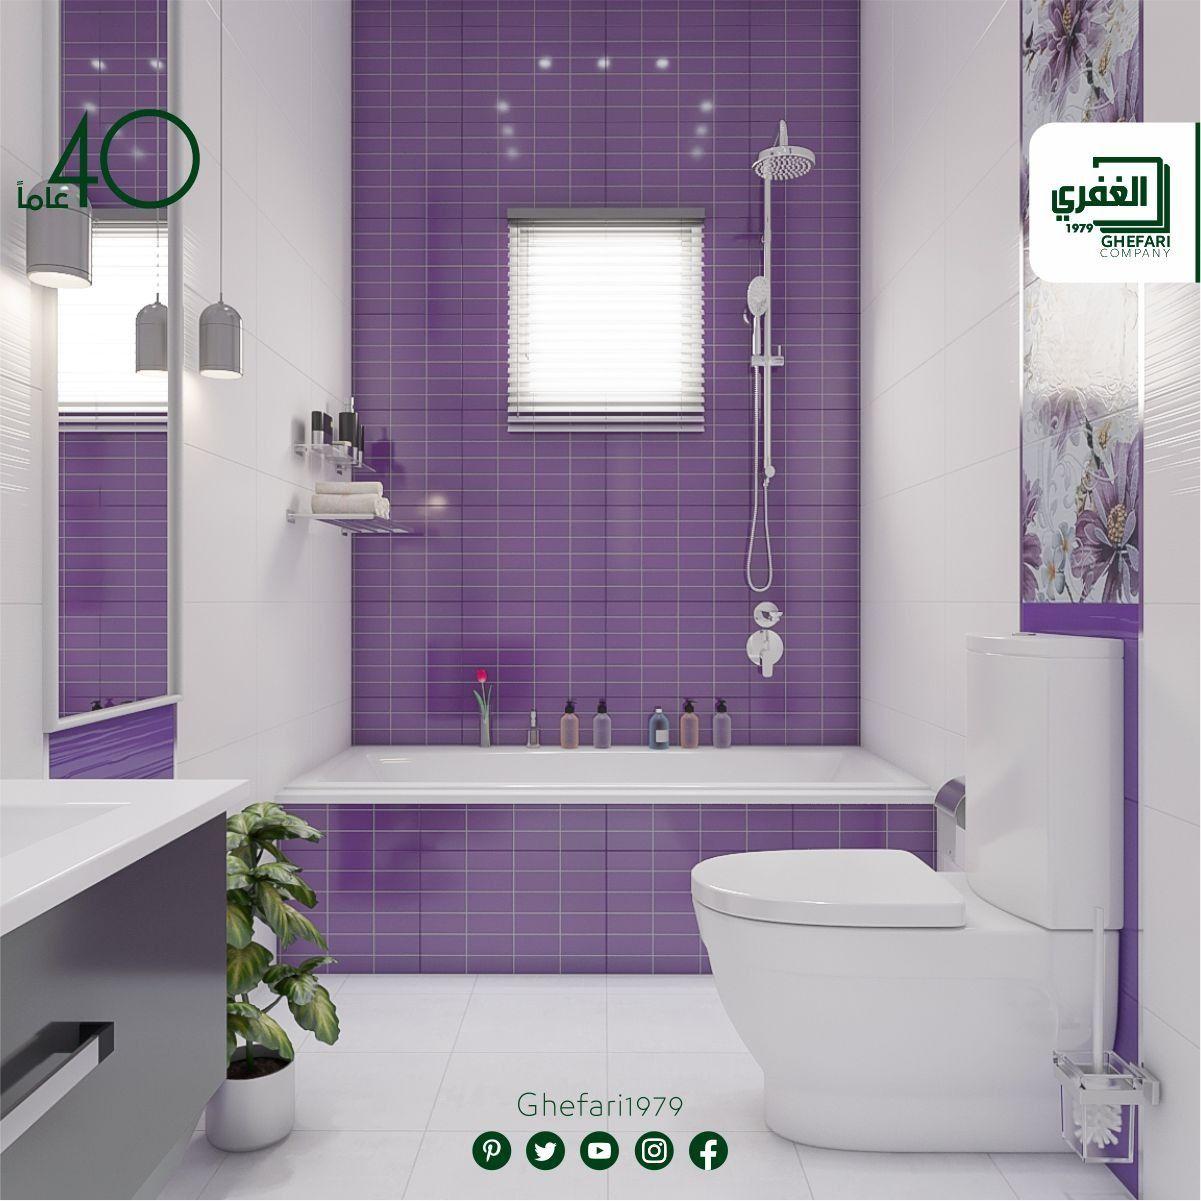 بلاط للاستخدام داخل الحمامات والمطابخ للمزيد زورونا على موقع الشركة Https Www Ghefari Com Ar Lux واتس اب 00972599417956 الرقم Bathtub Alcove Alcove Bathtub